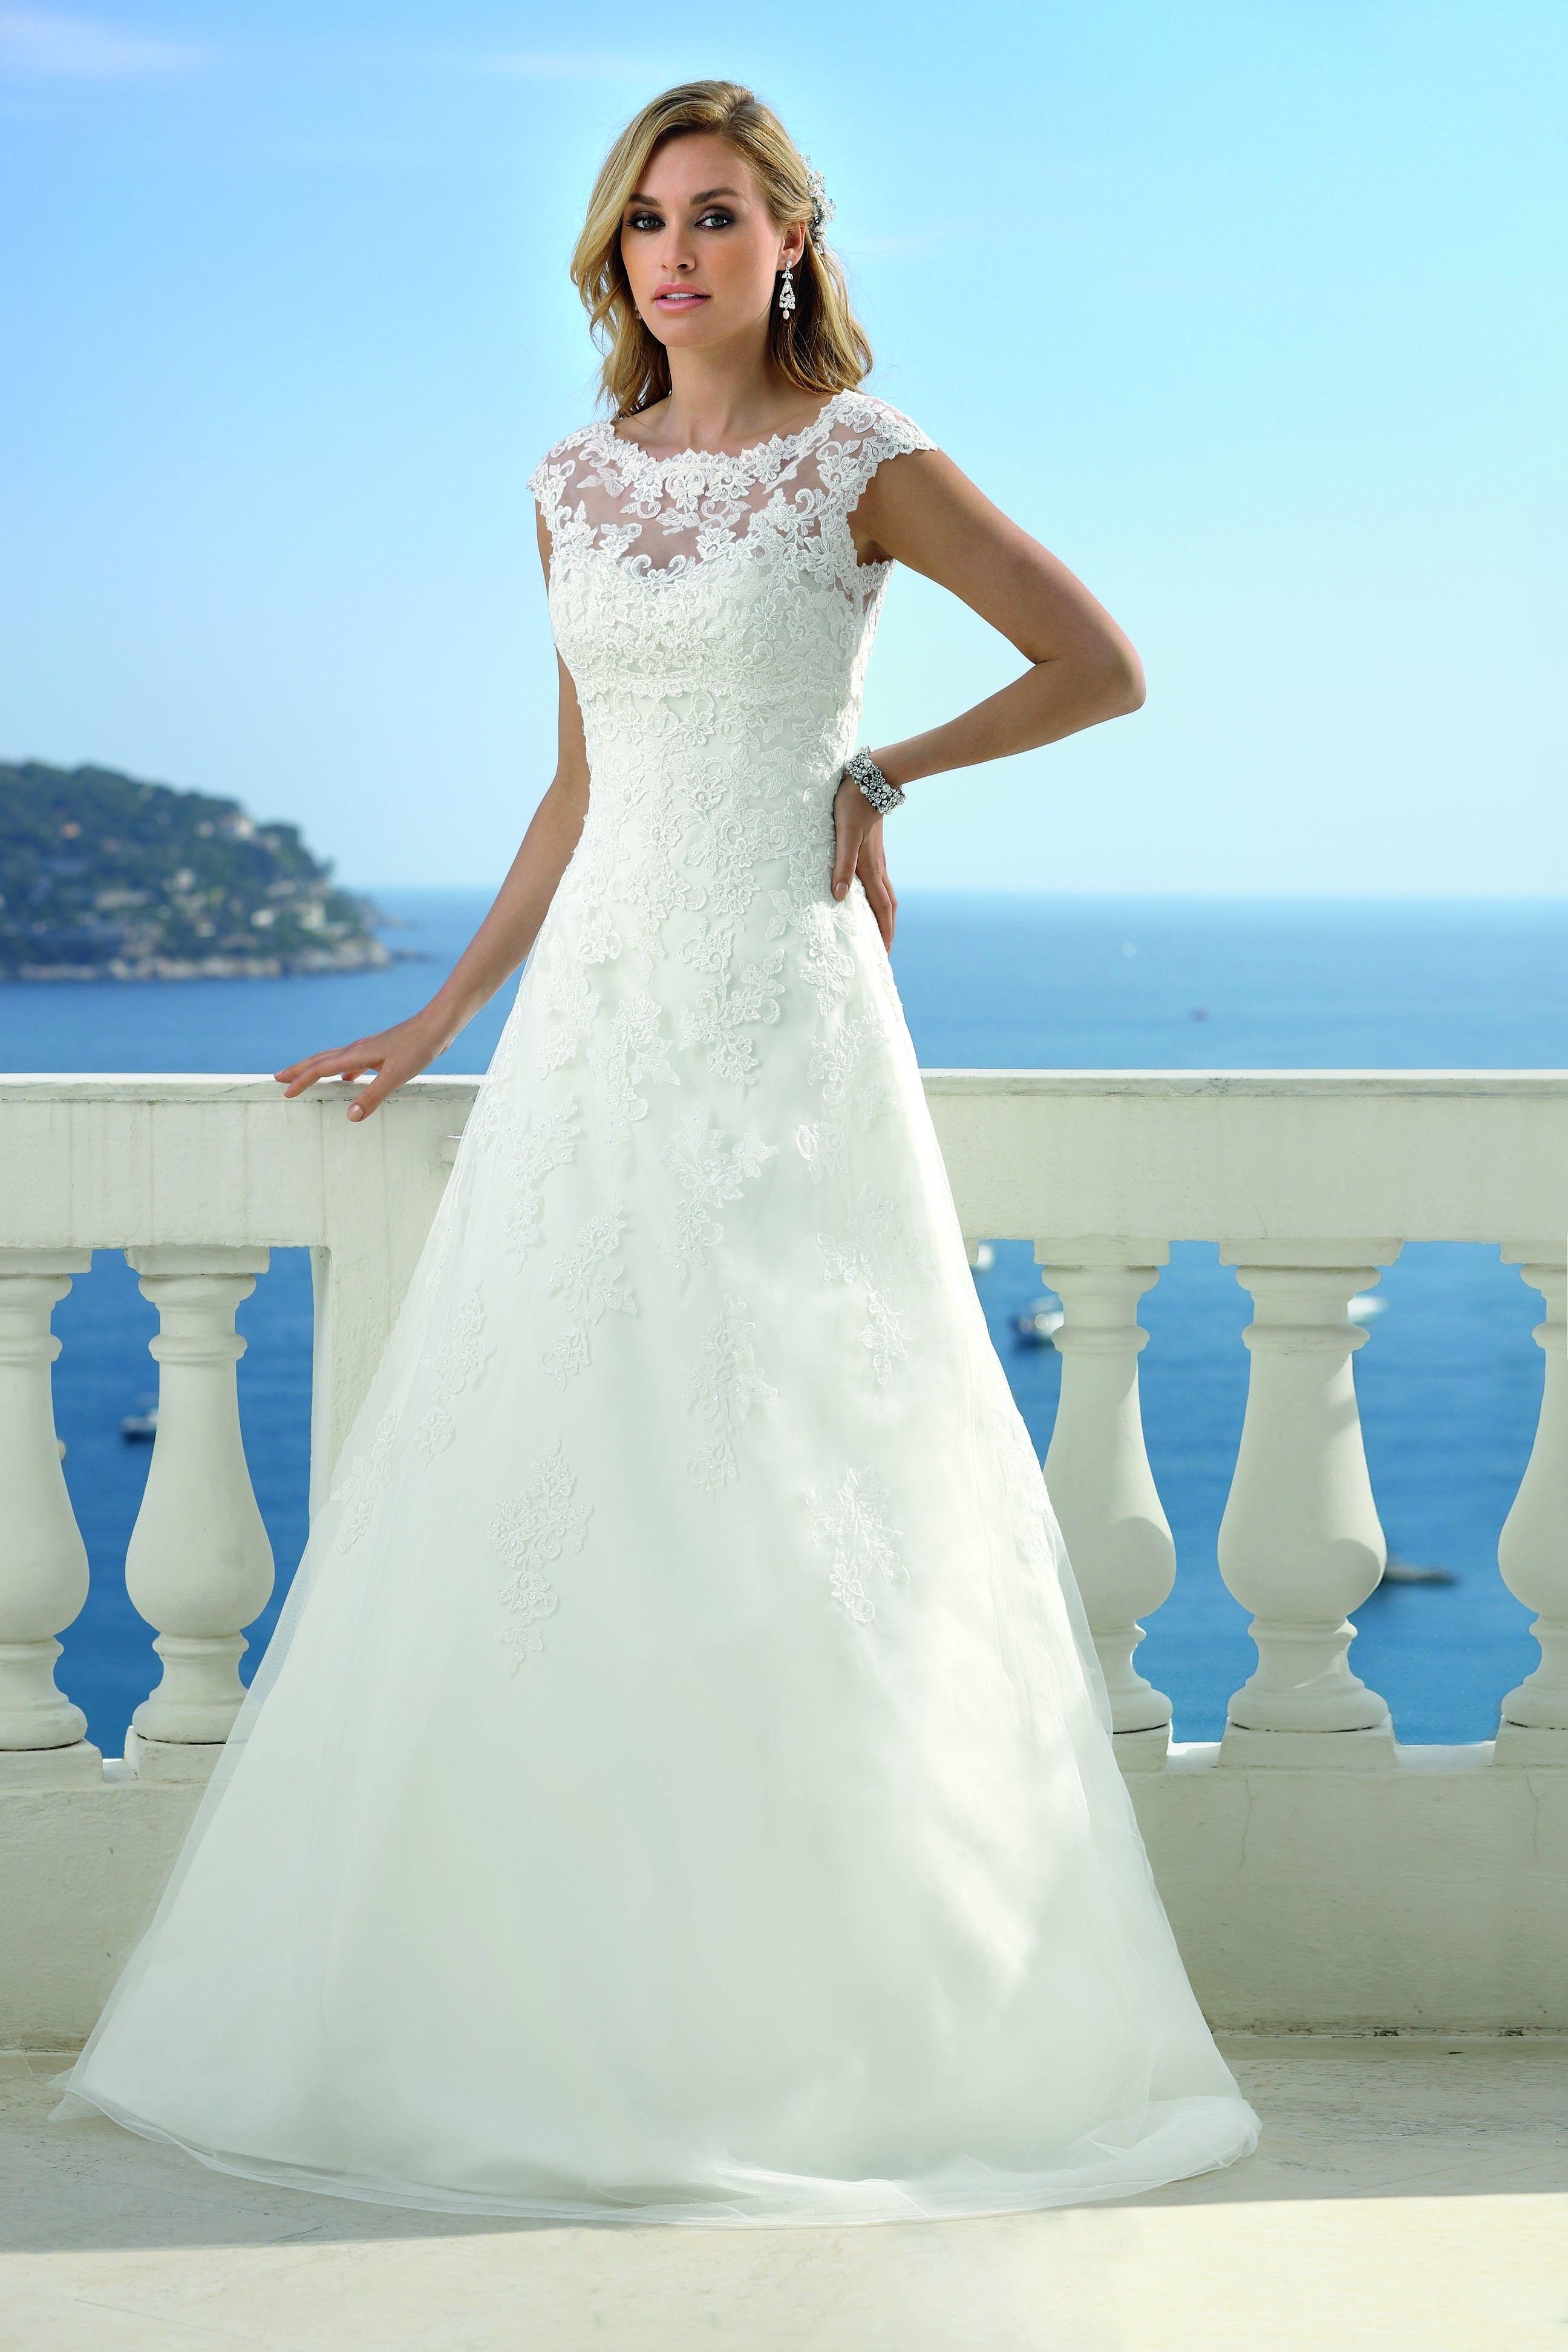 Ladybird 418068 Trouwjurk | Bruiloft | Pinterest | Wedding dress ...